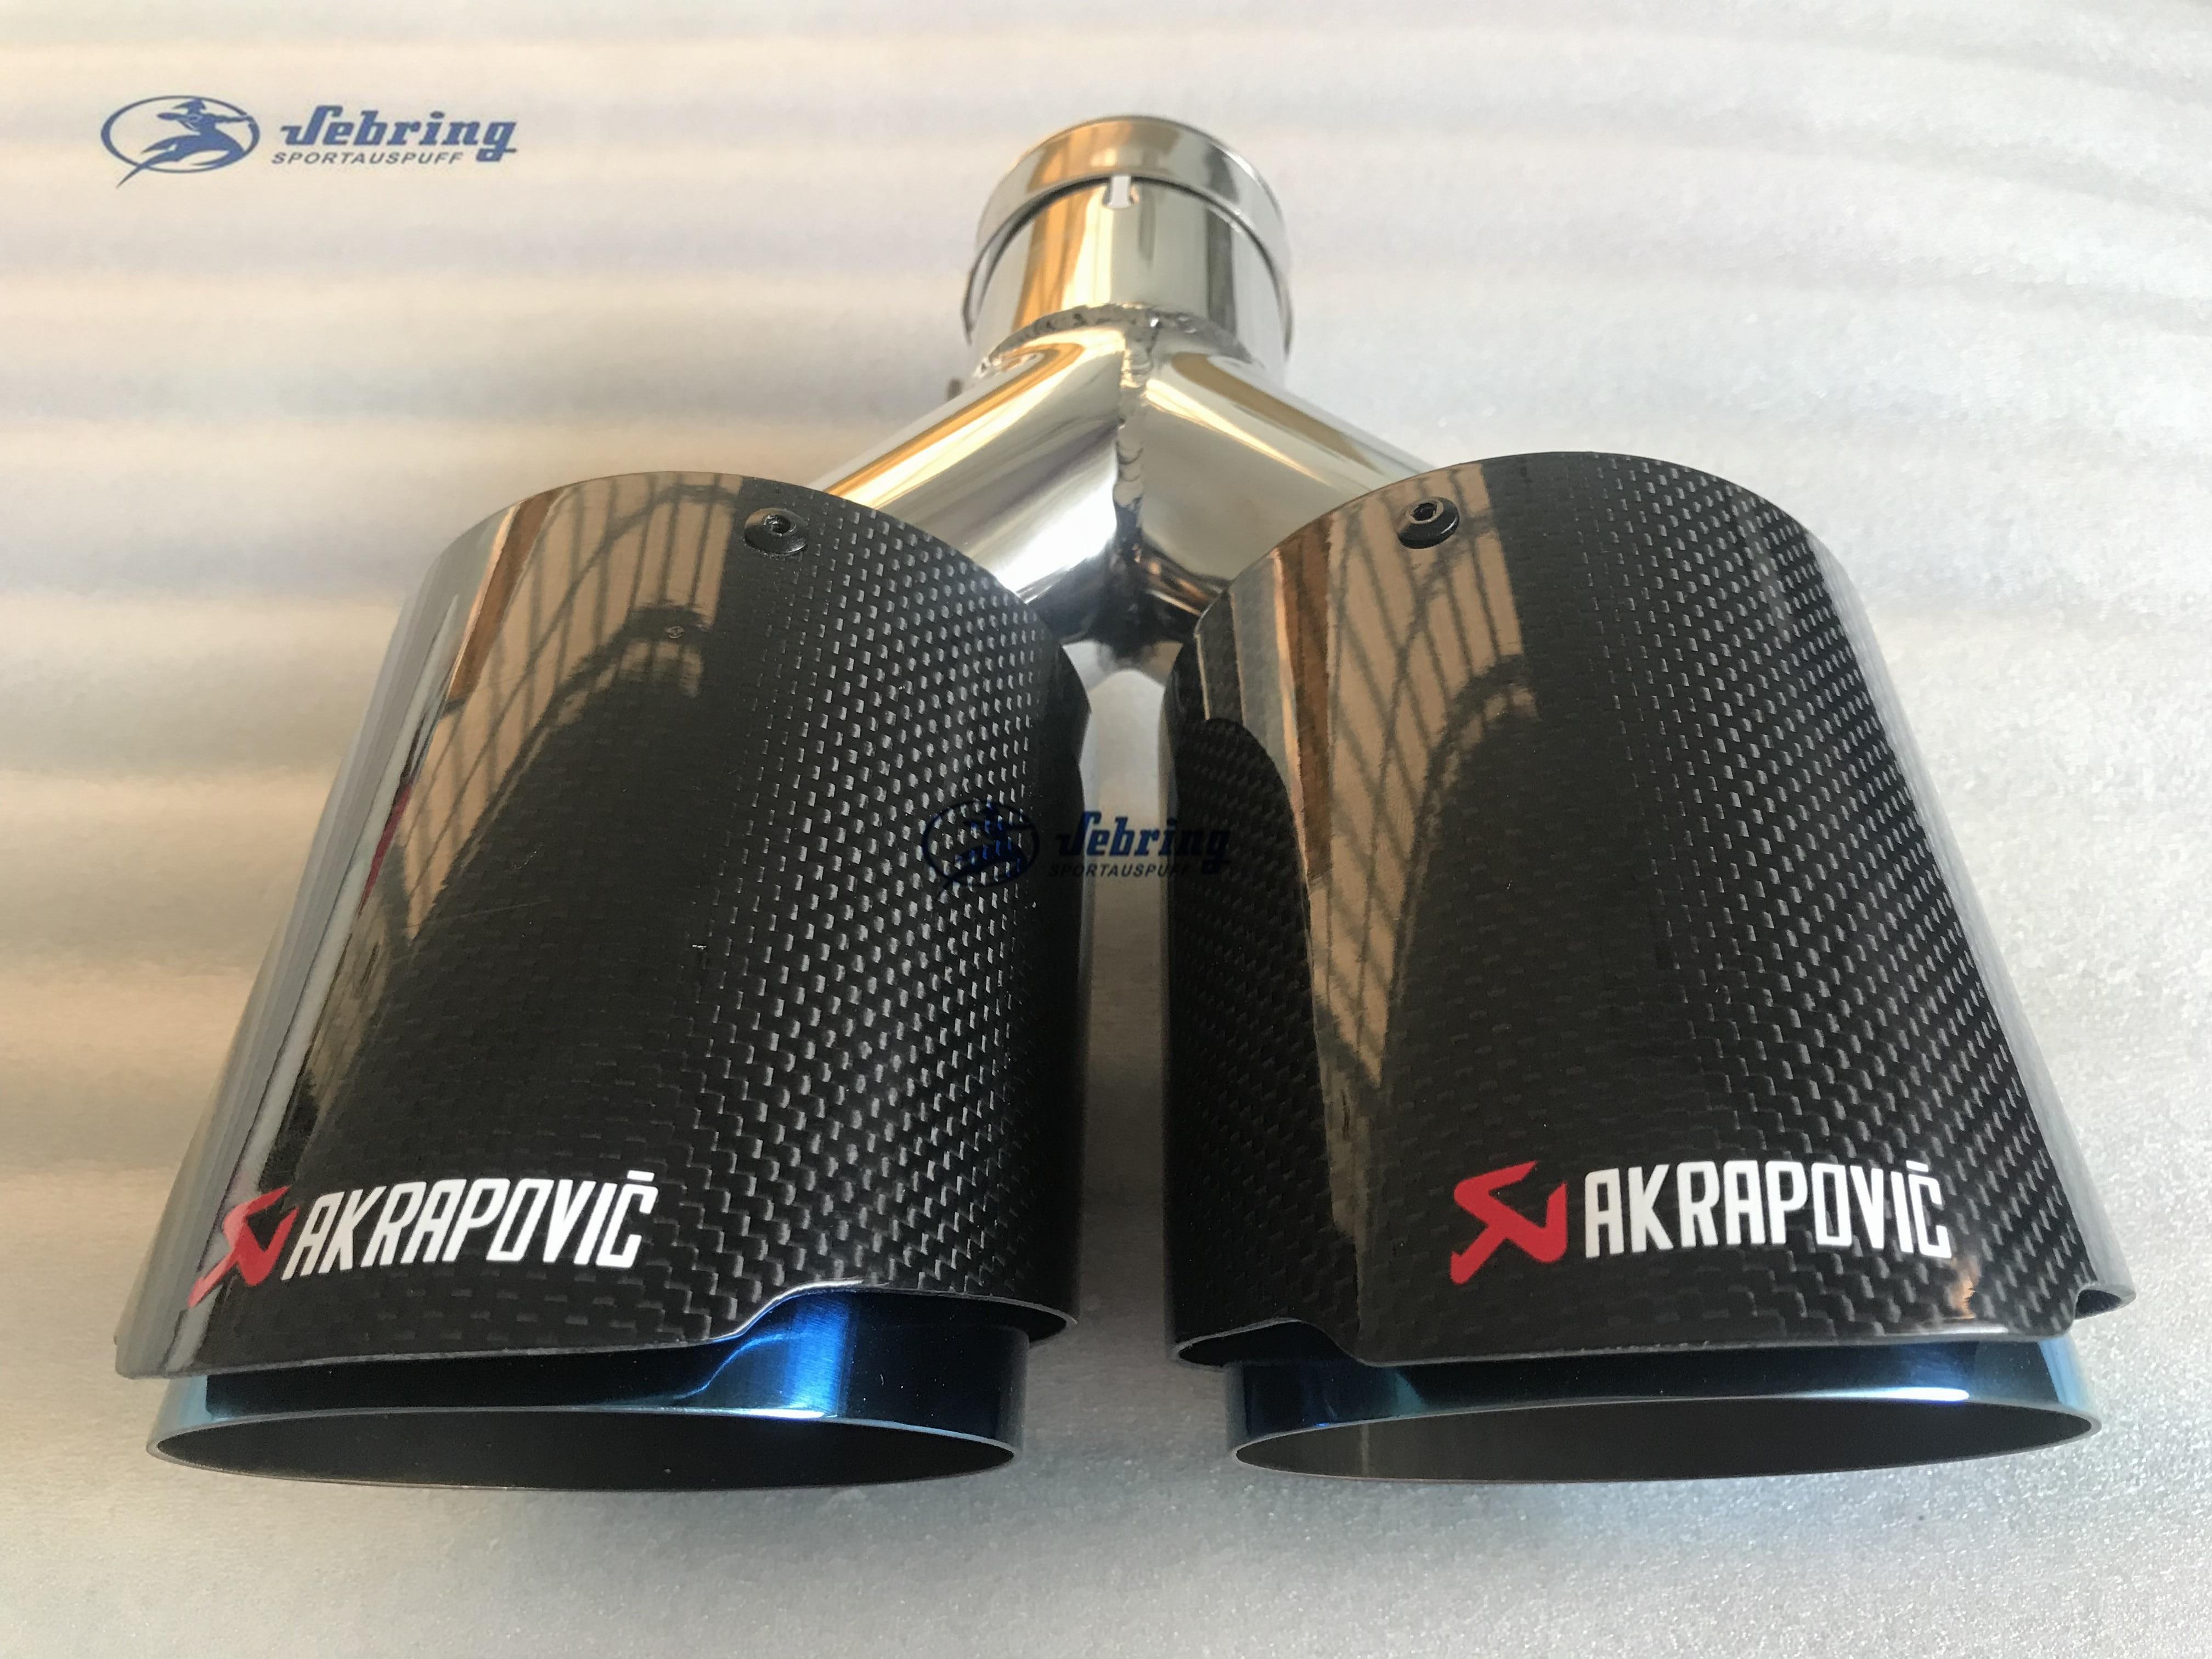 AKRAPOVIC автомобиль модифицированный Карбон волокно AK труба из нержавеющей стали синий двойной углерод выхлопная труба Хвост Глушитель украш